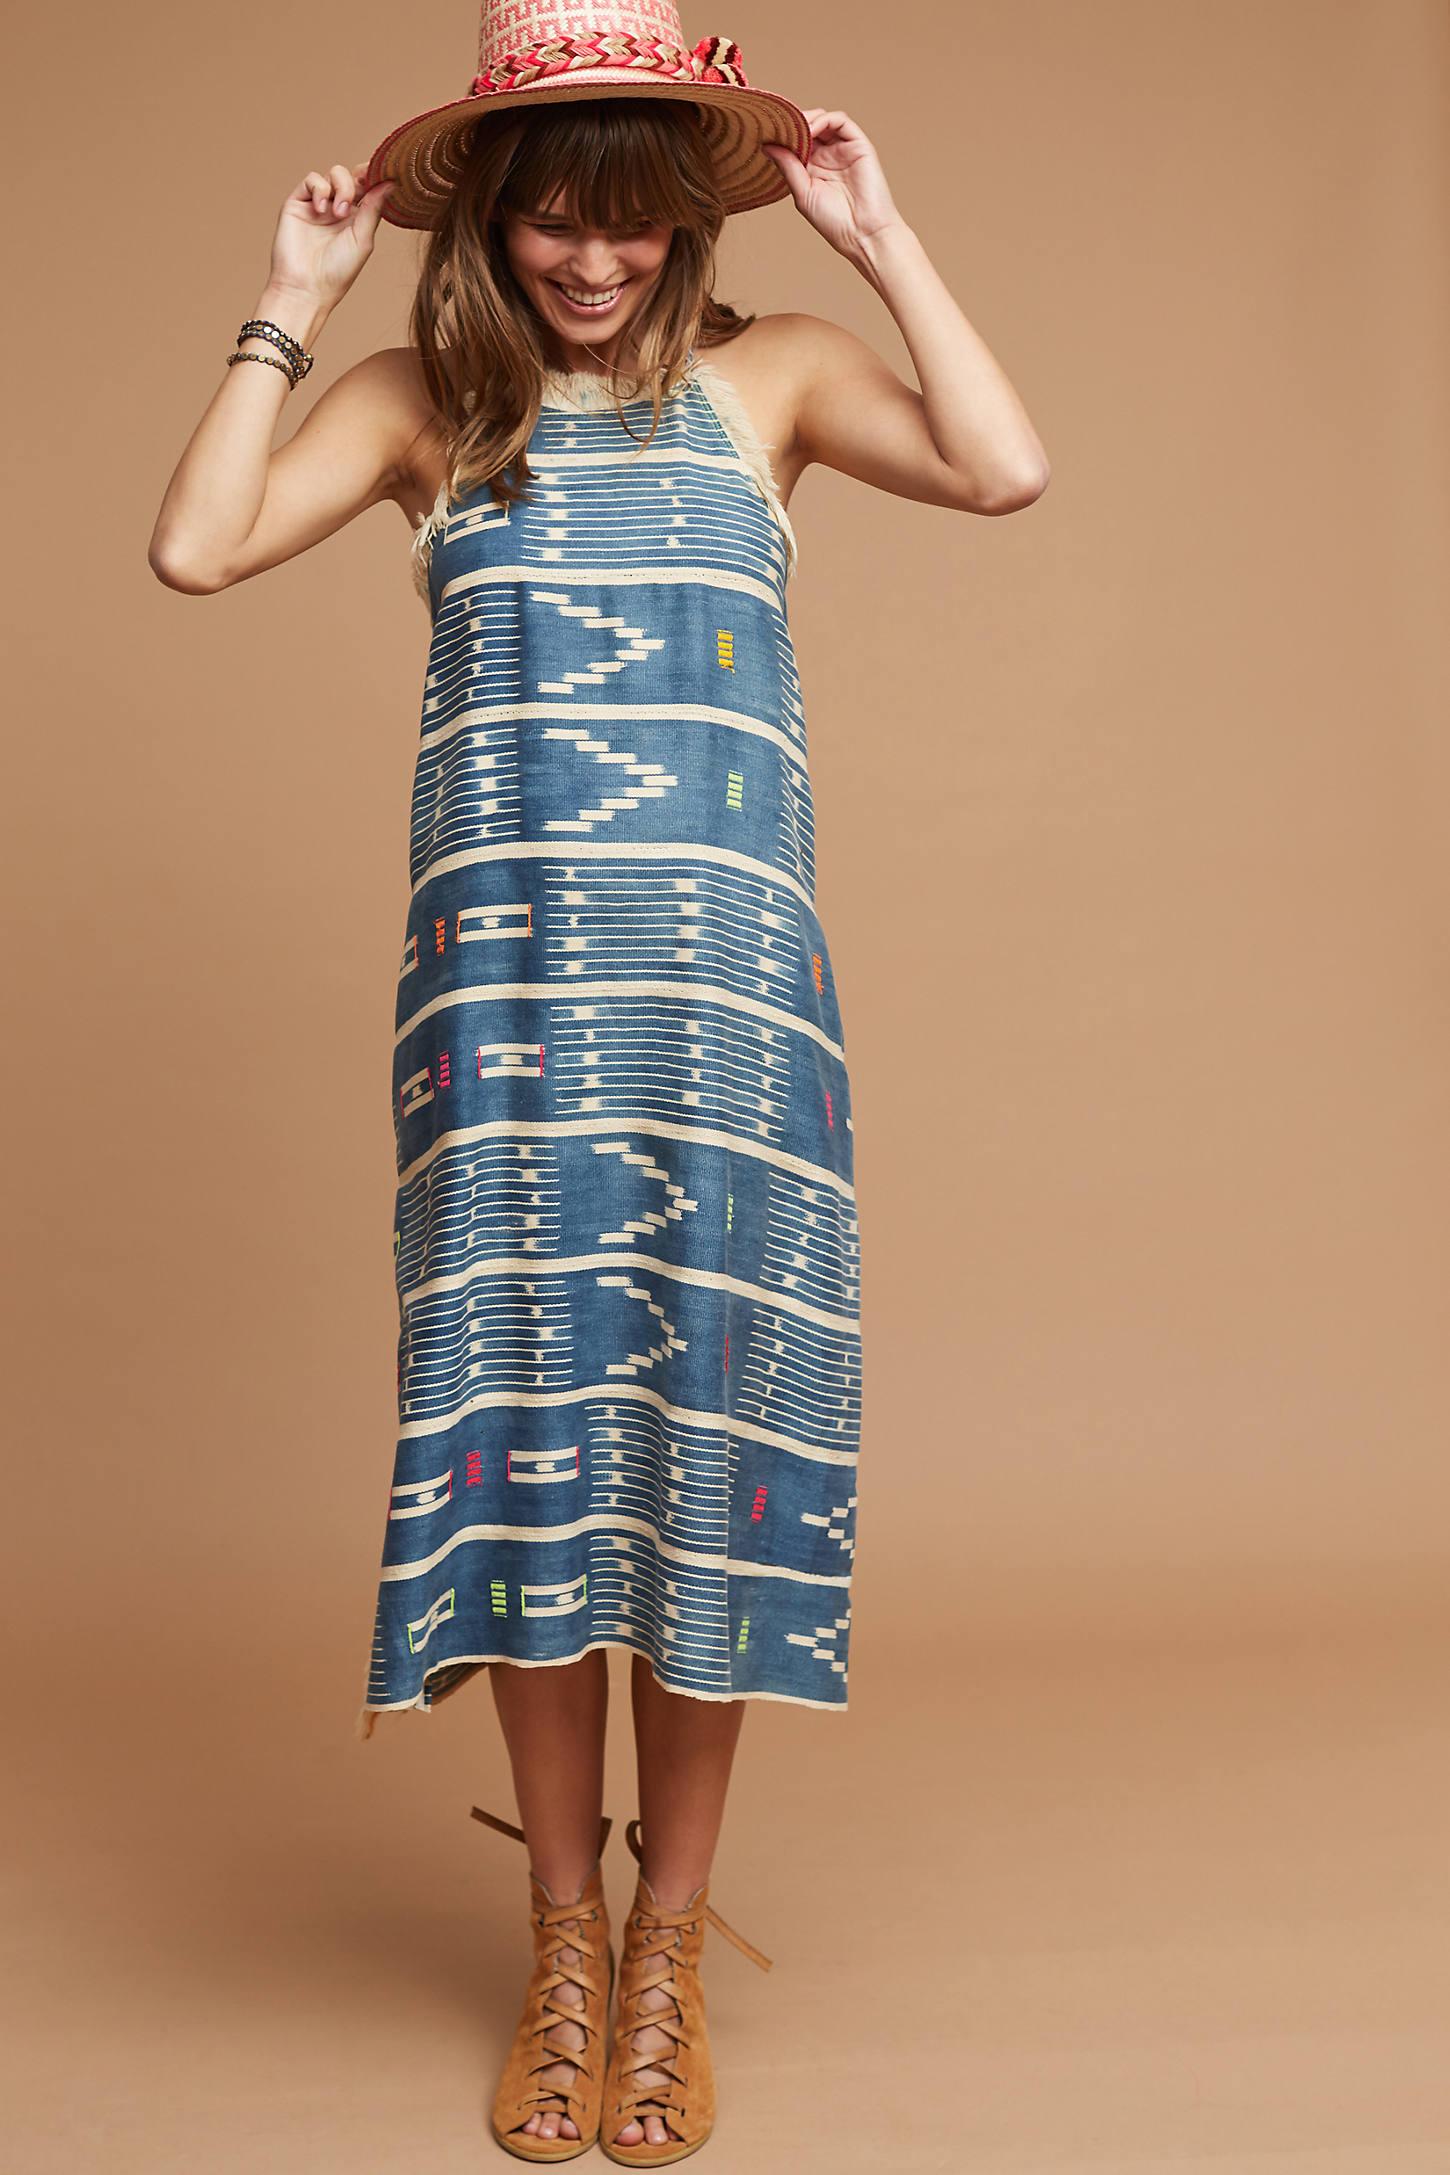 One-Of-A-Kind Ikat Fringed Dress